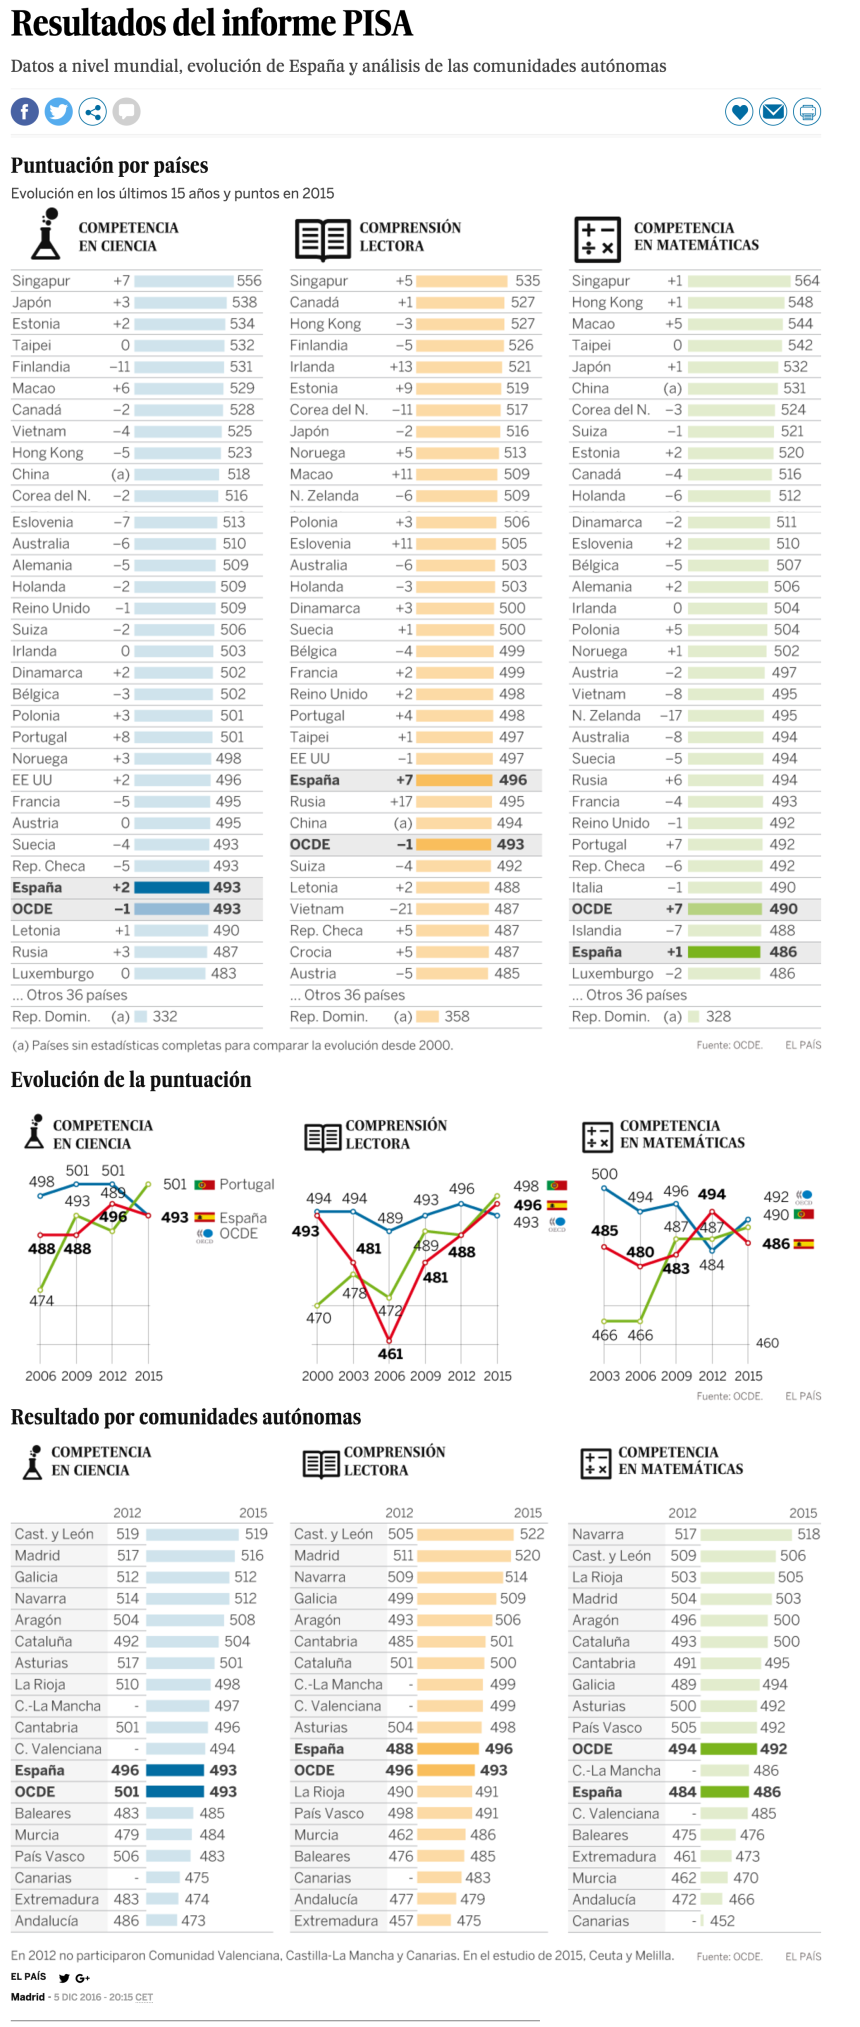 Informe PISA 2015: España sigue a la cola en Educación